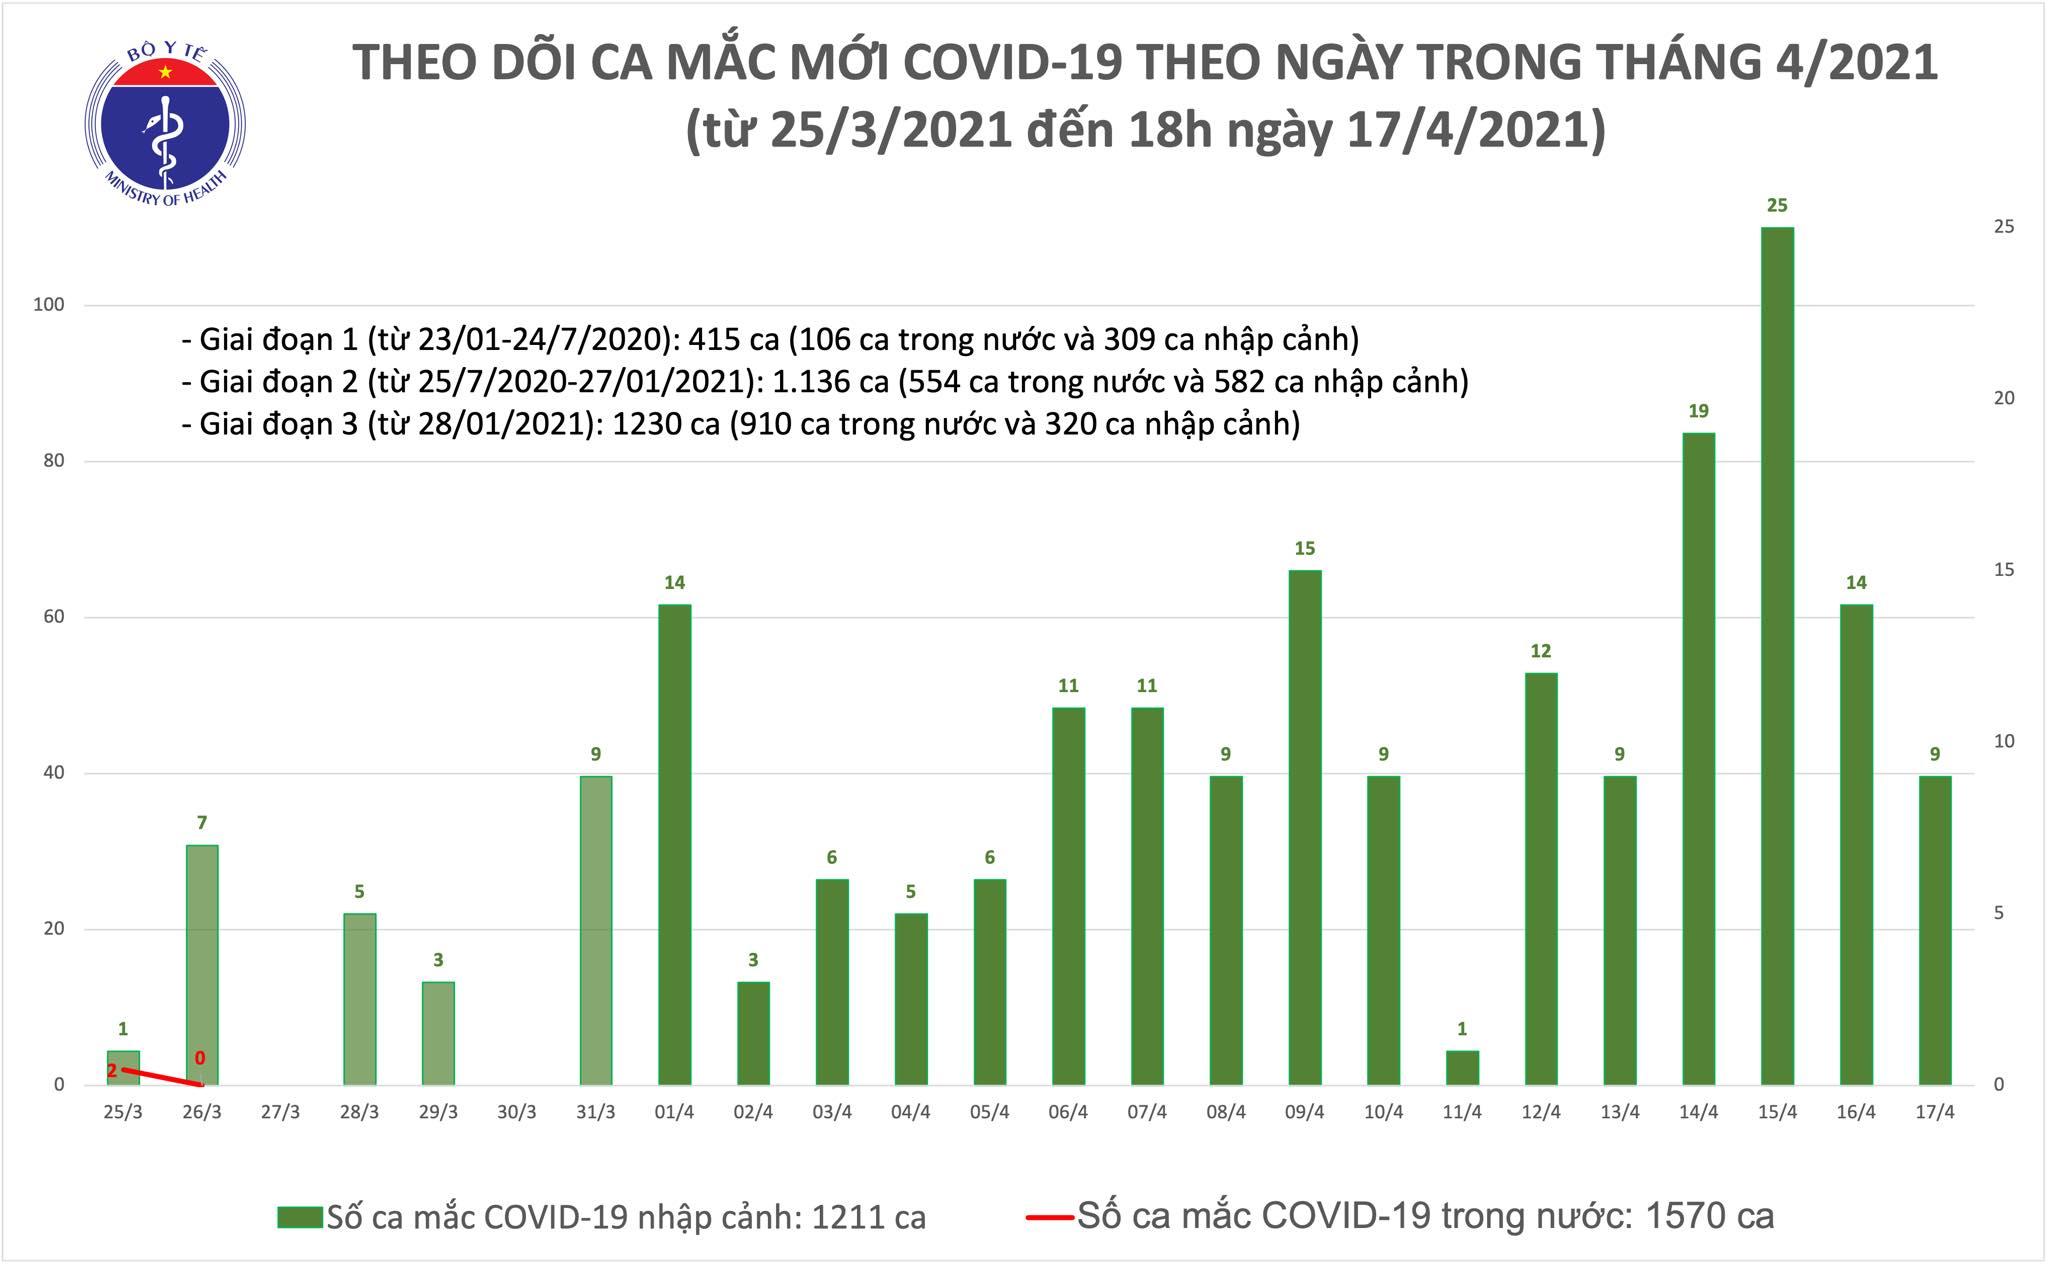 Chiều 17/4: Thêm 8 ca mắc COVID-19 tại Kiên Giang, Khánh Hoà và Đà Nẵng